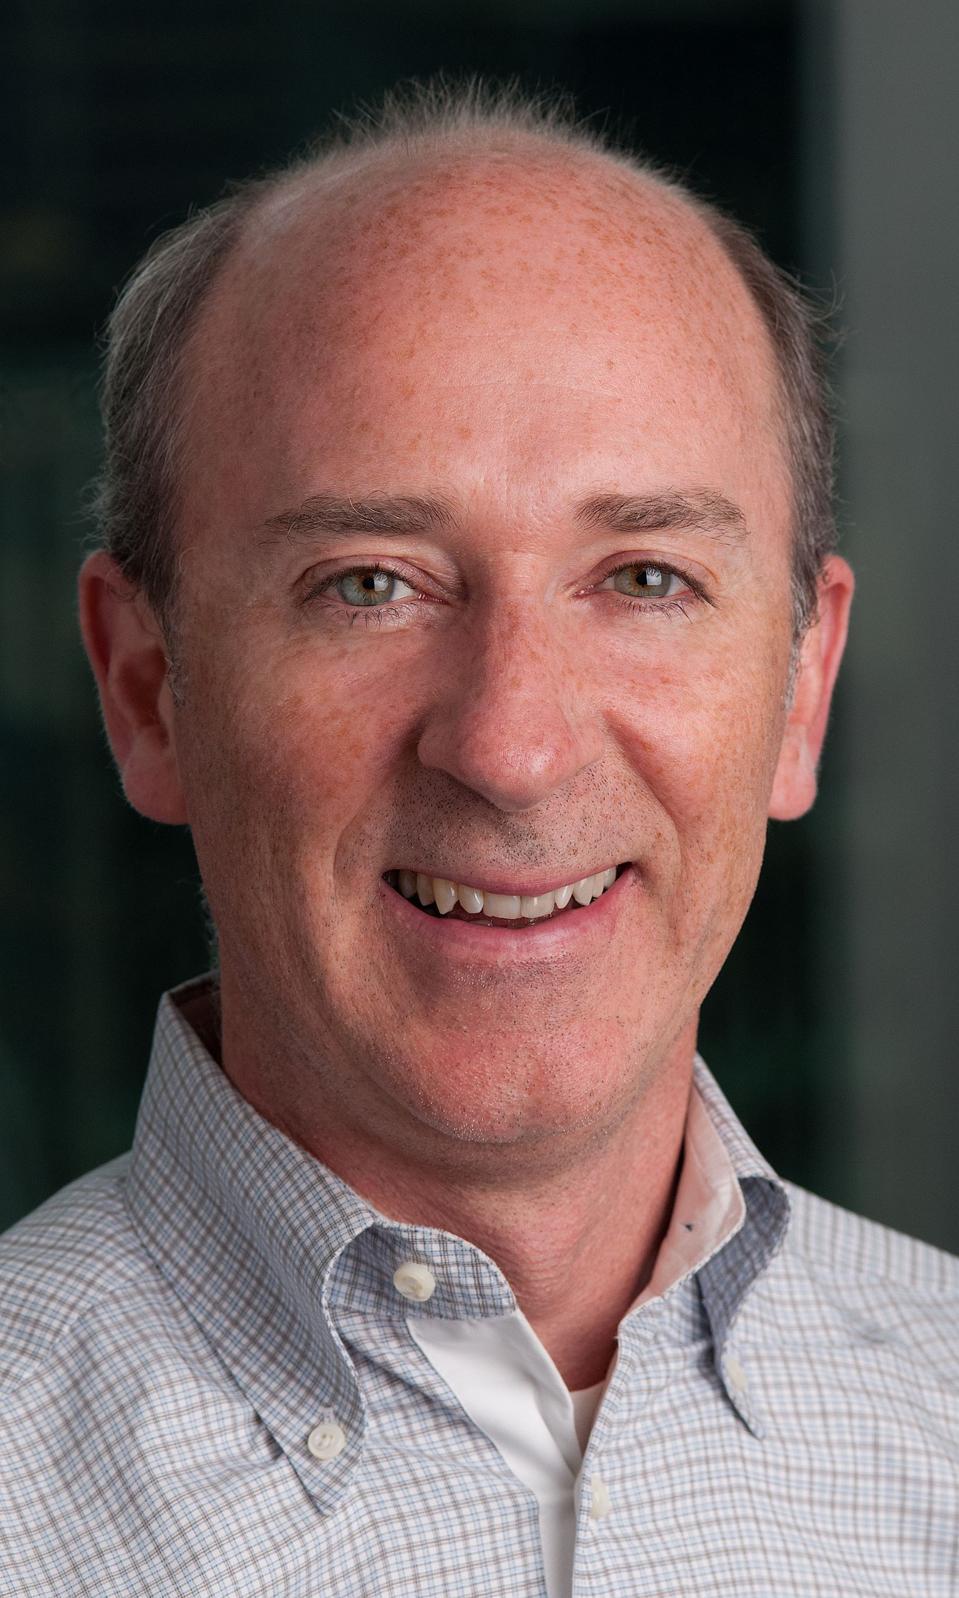 Head shot, Brendan Burns, CEO of See.me